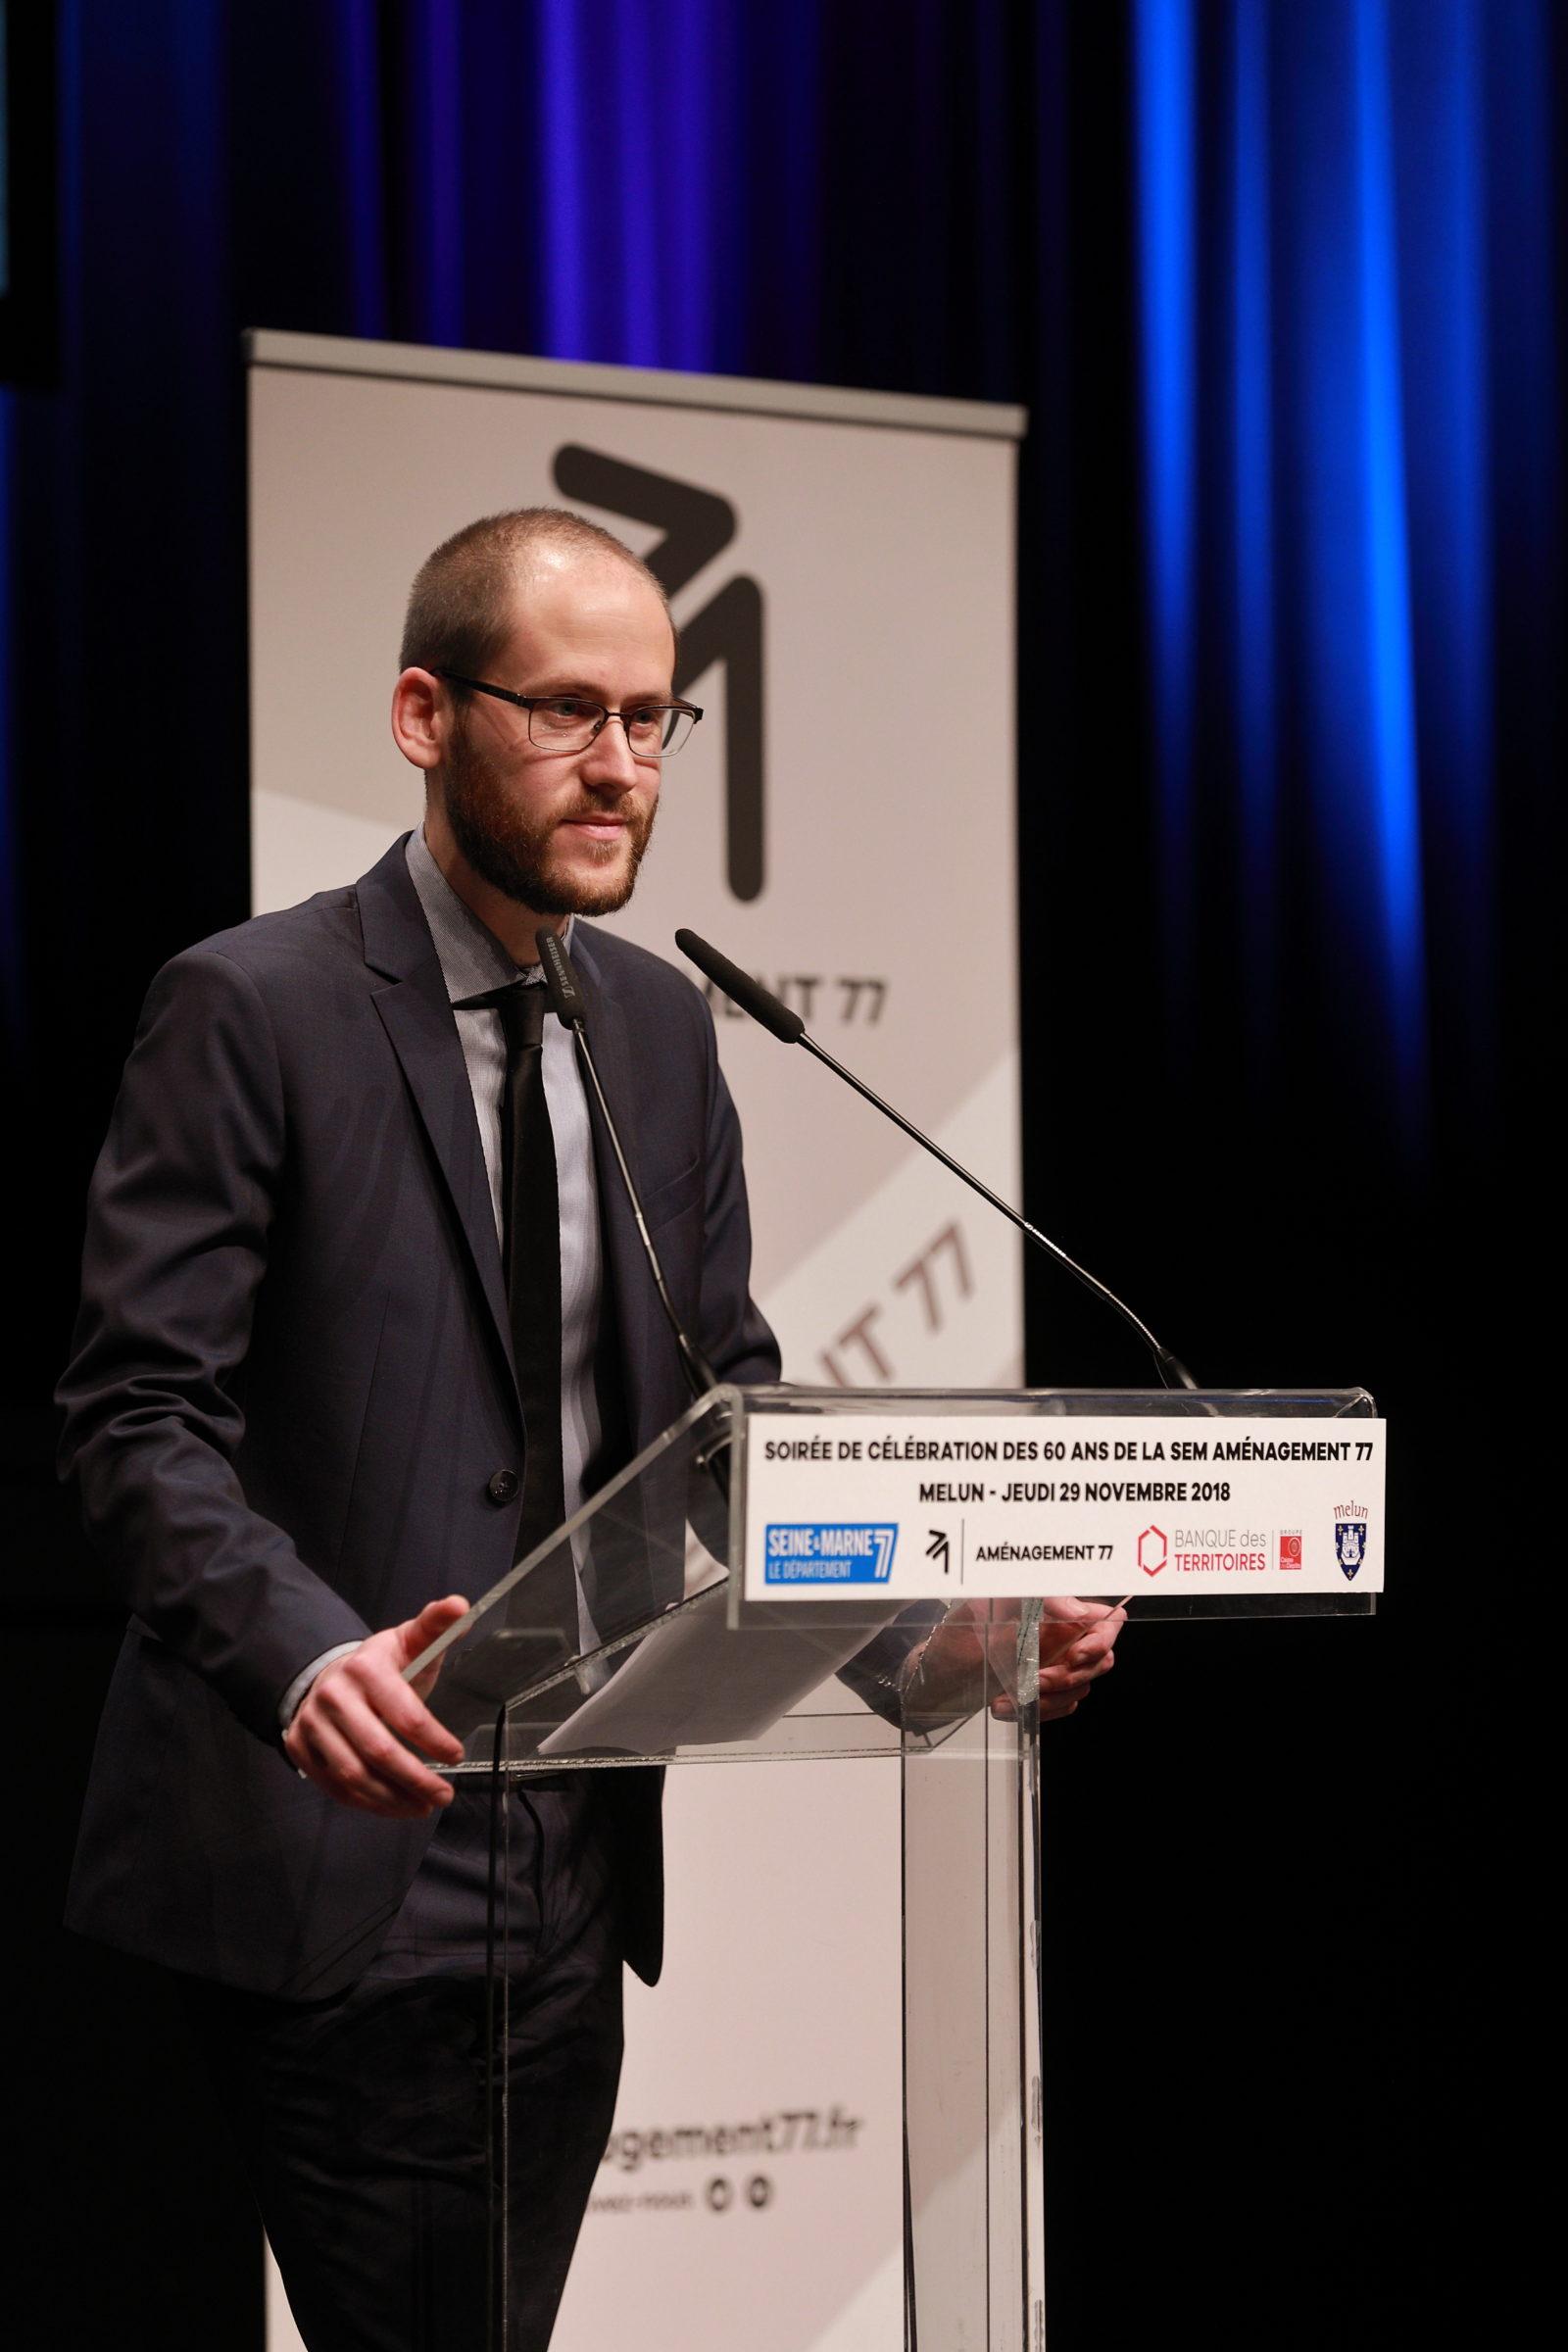 François CORRE - Directeur Général de la SEM Aménagement 77